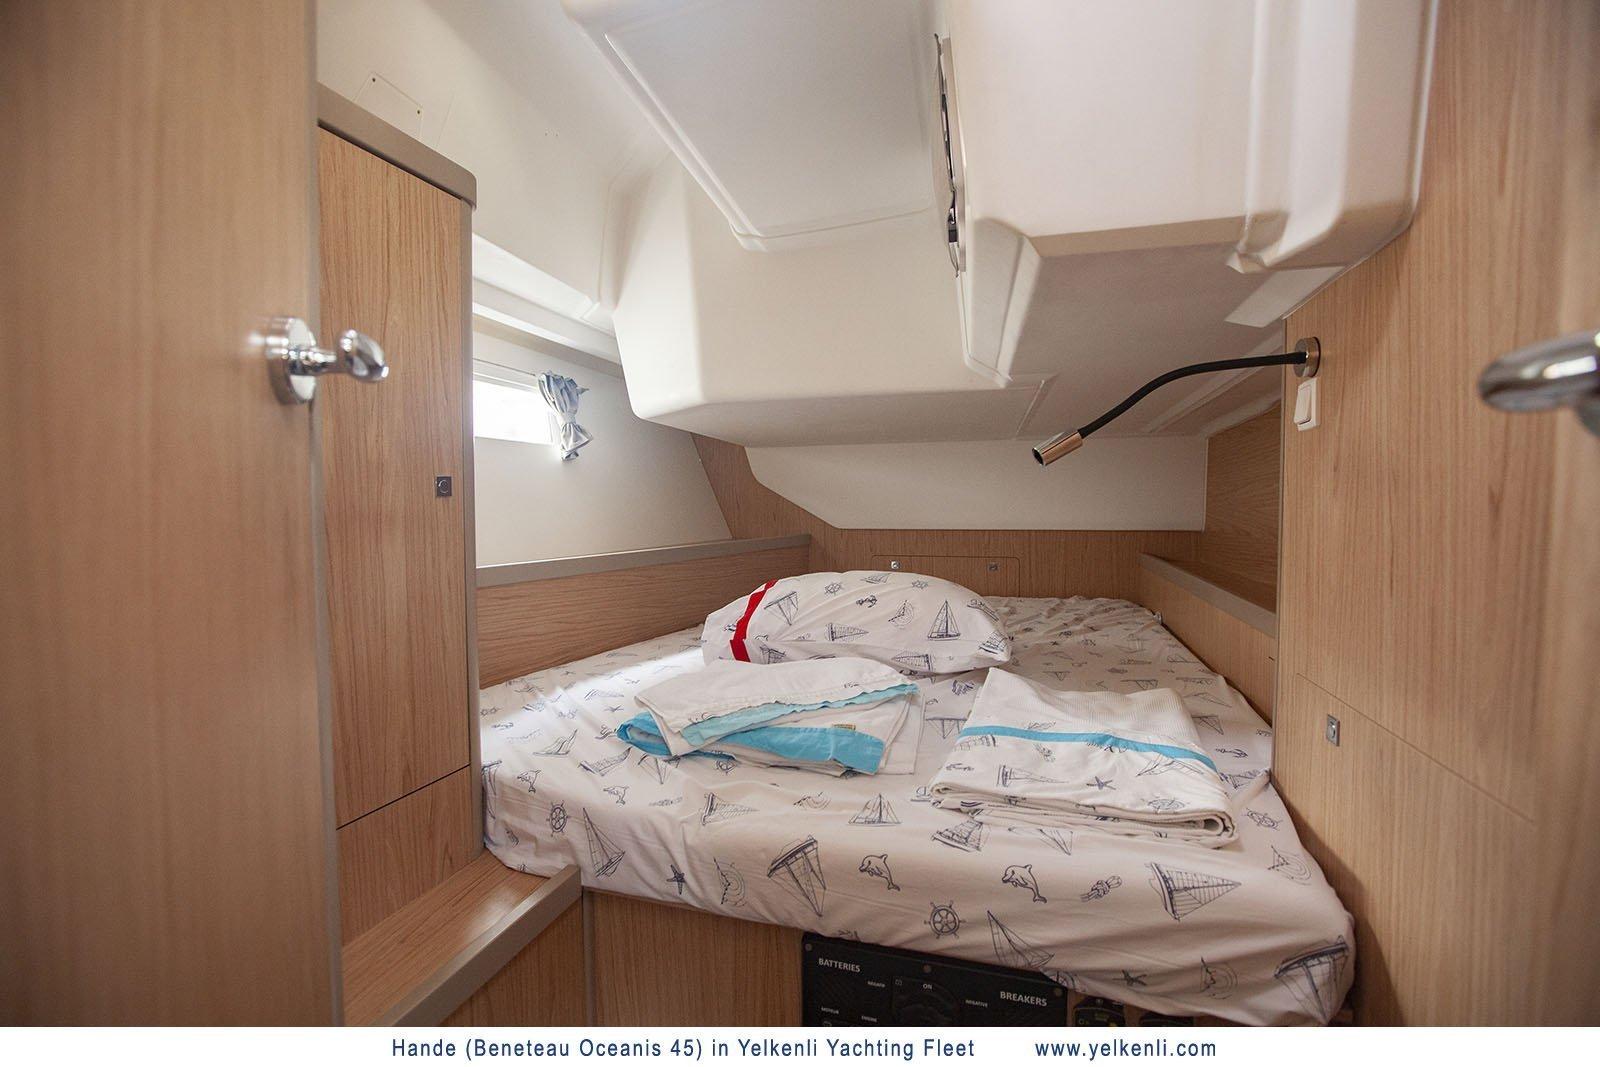 Oceanis 45 (2018) (Hande) Cabin Aft Starboard - 35